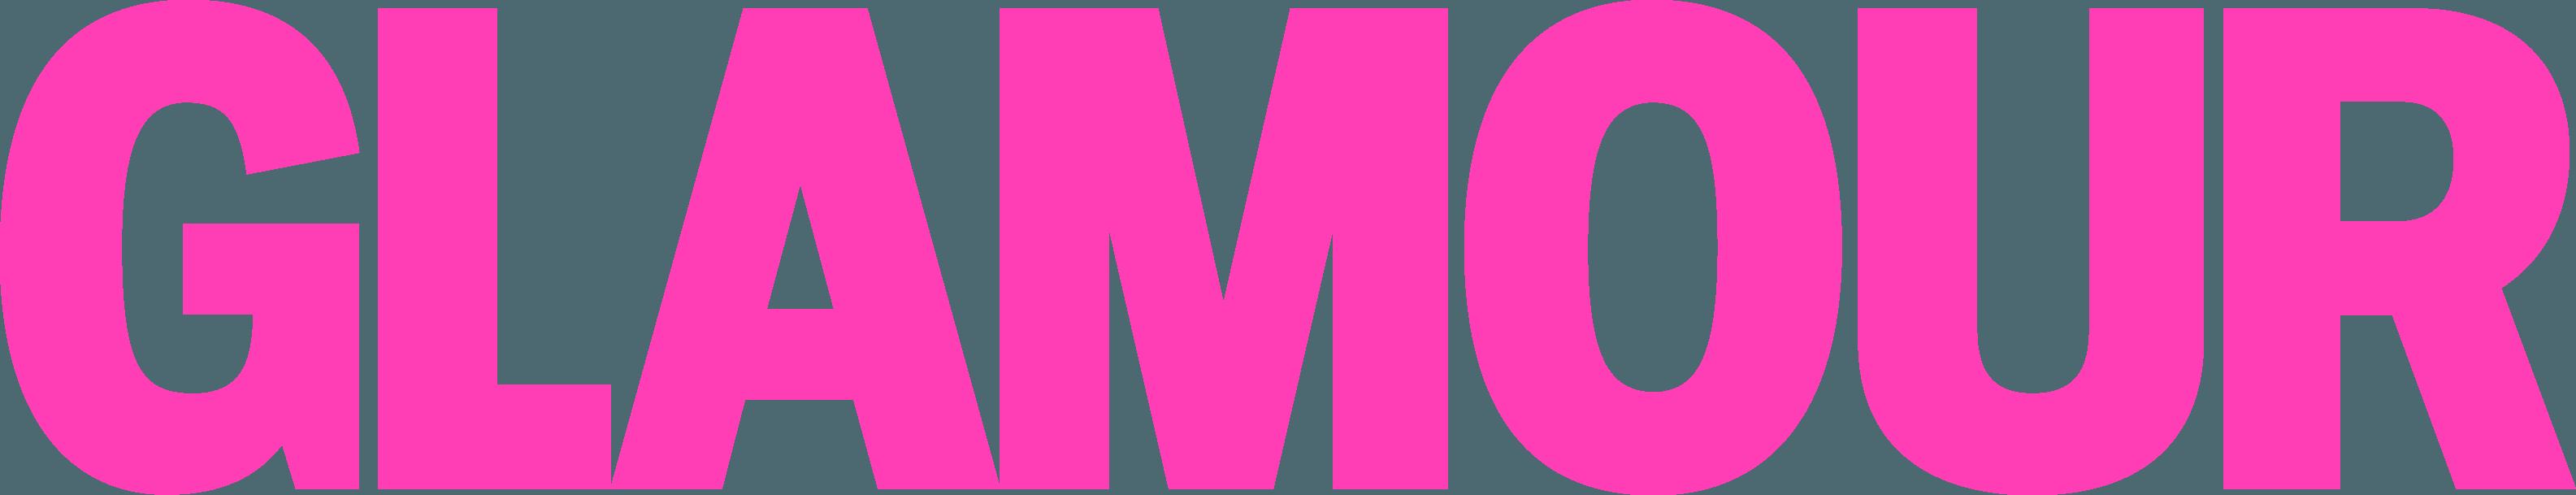 glamour logo png svg download